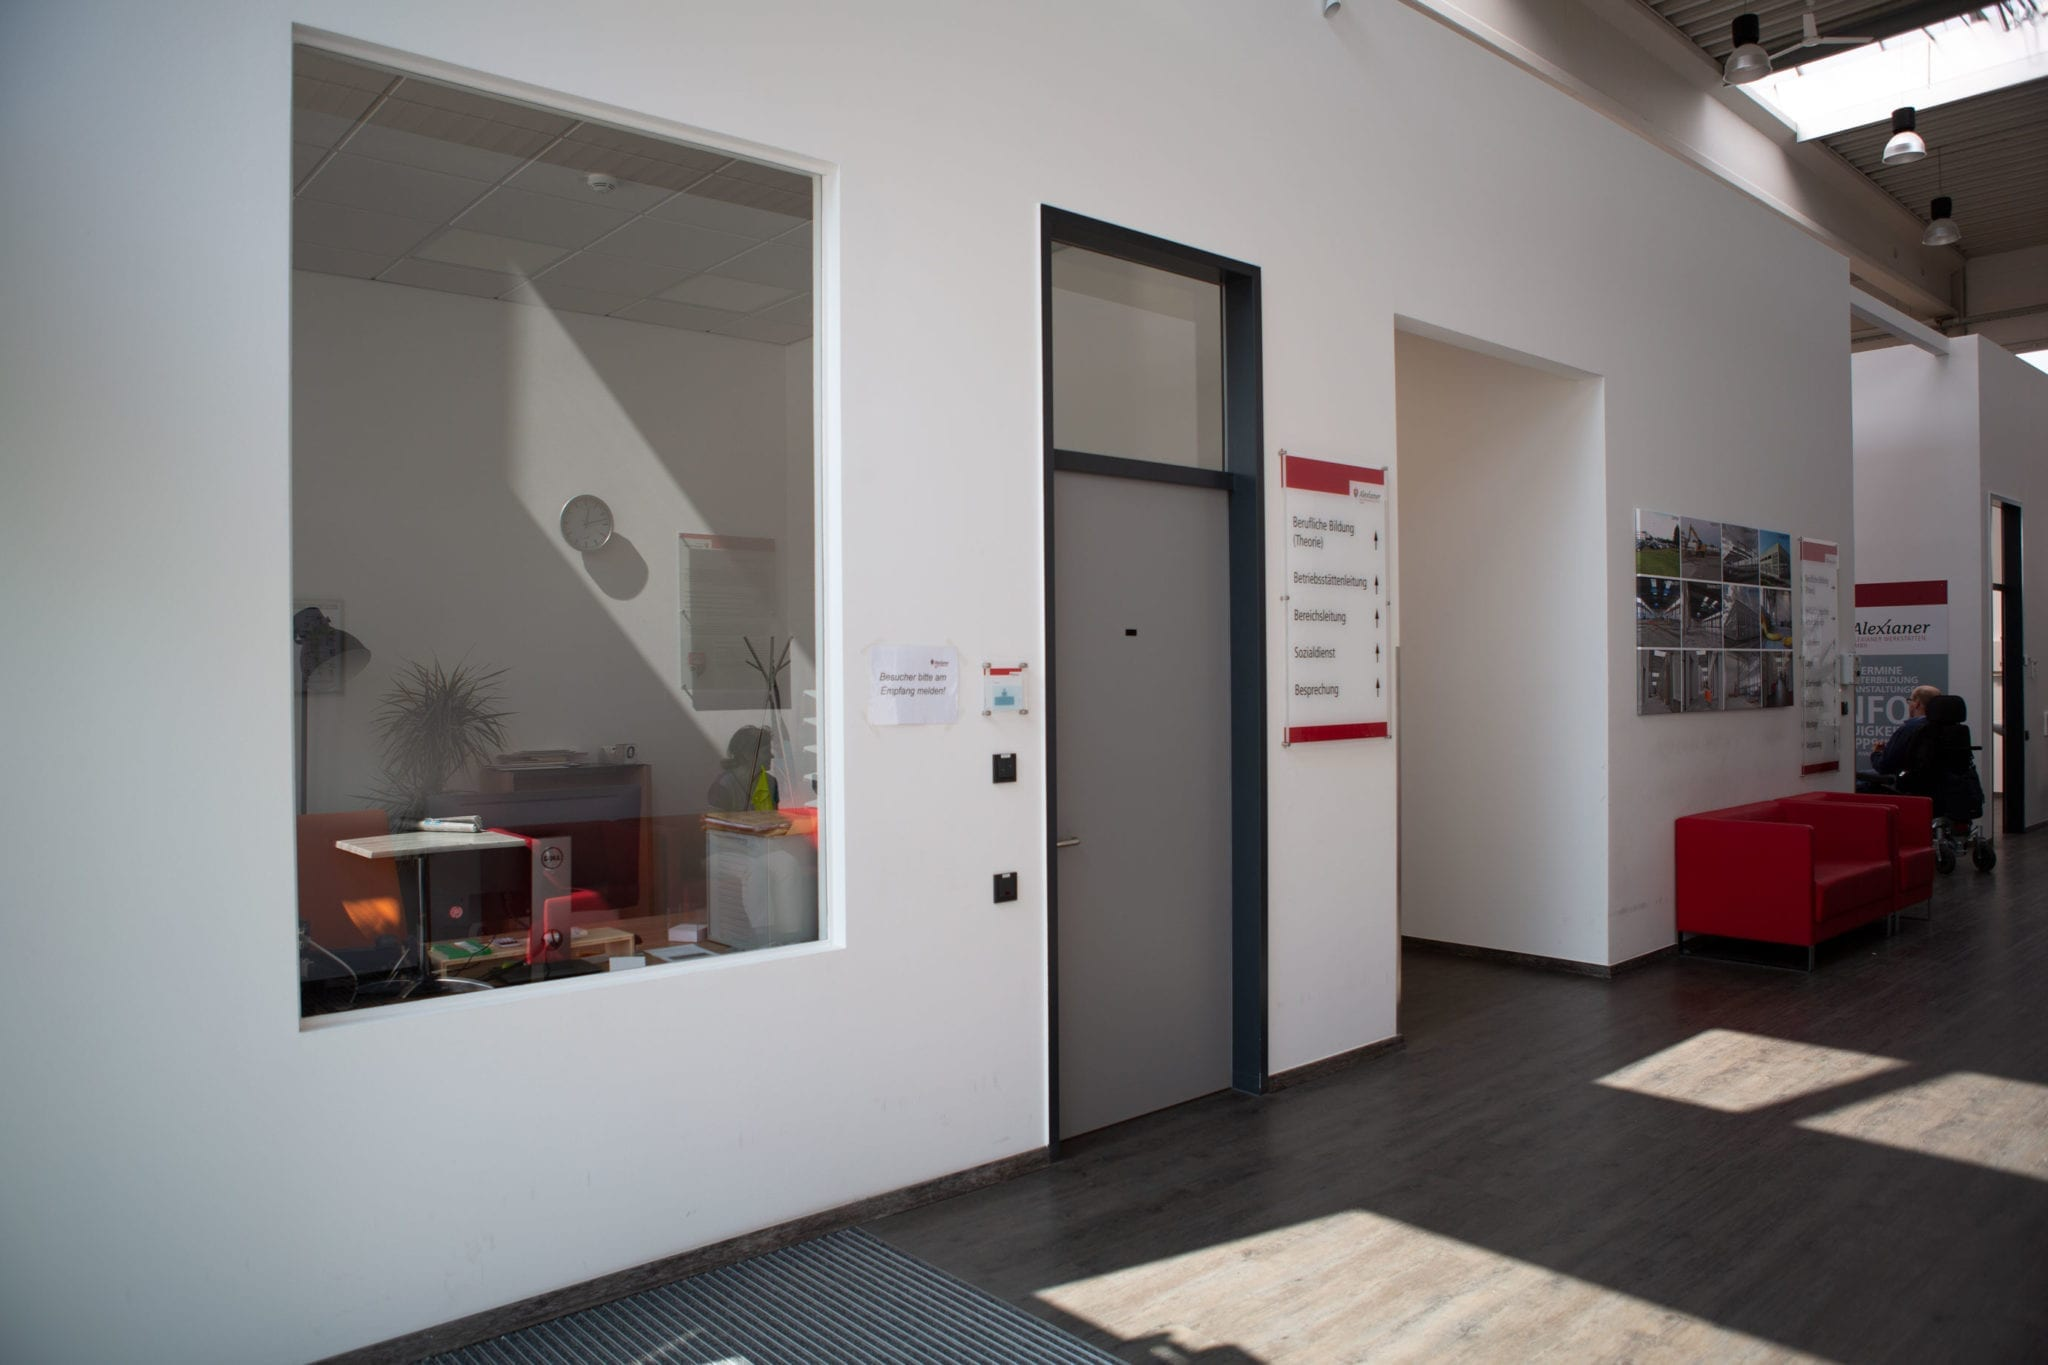 Eingangshalle in einem Gebäude